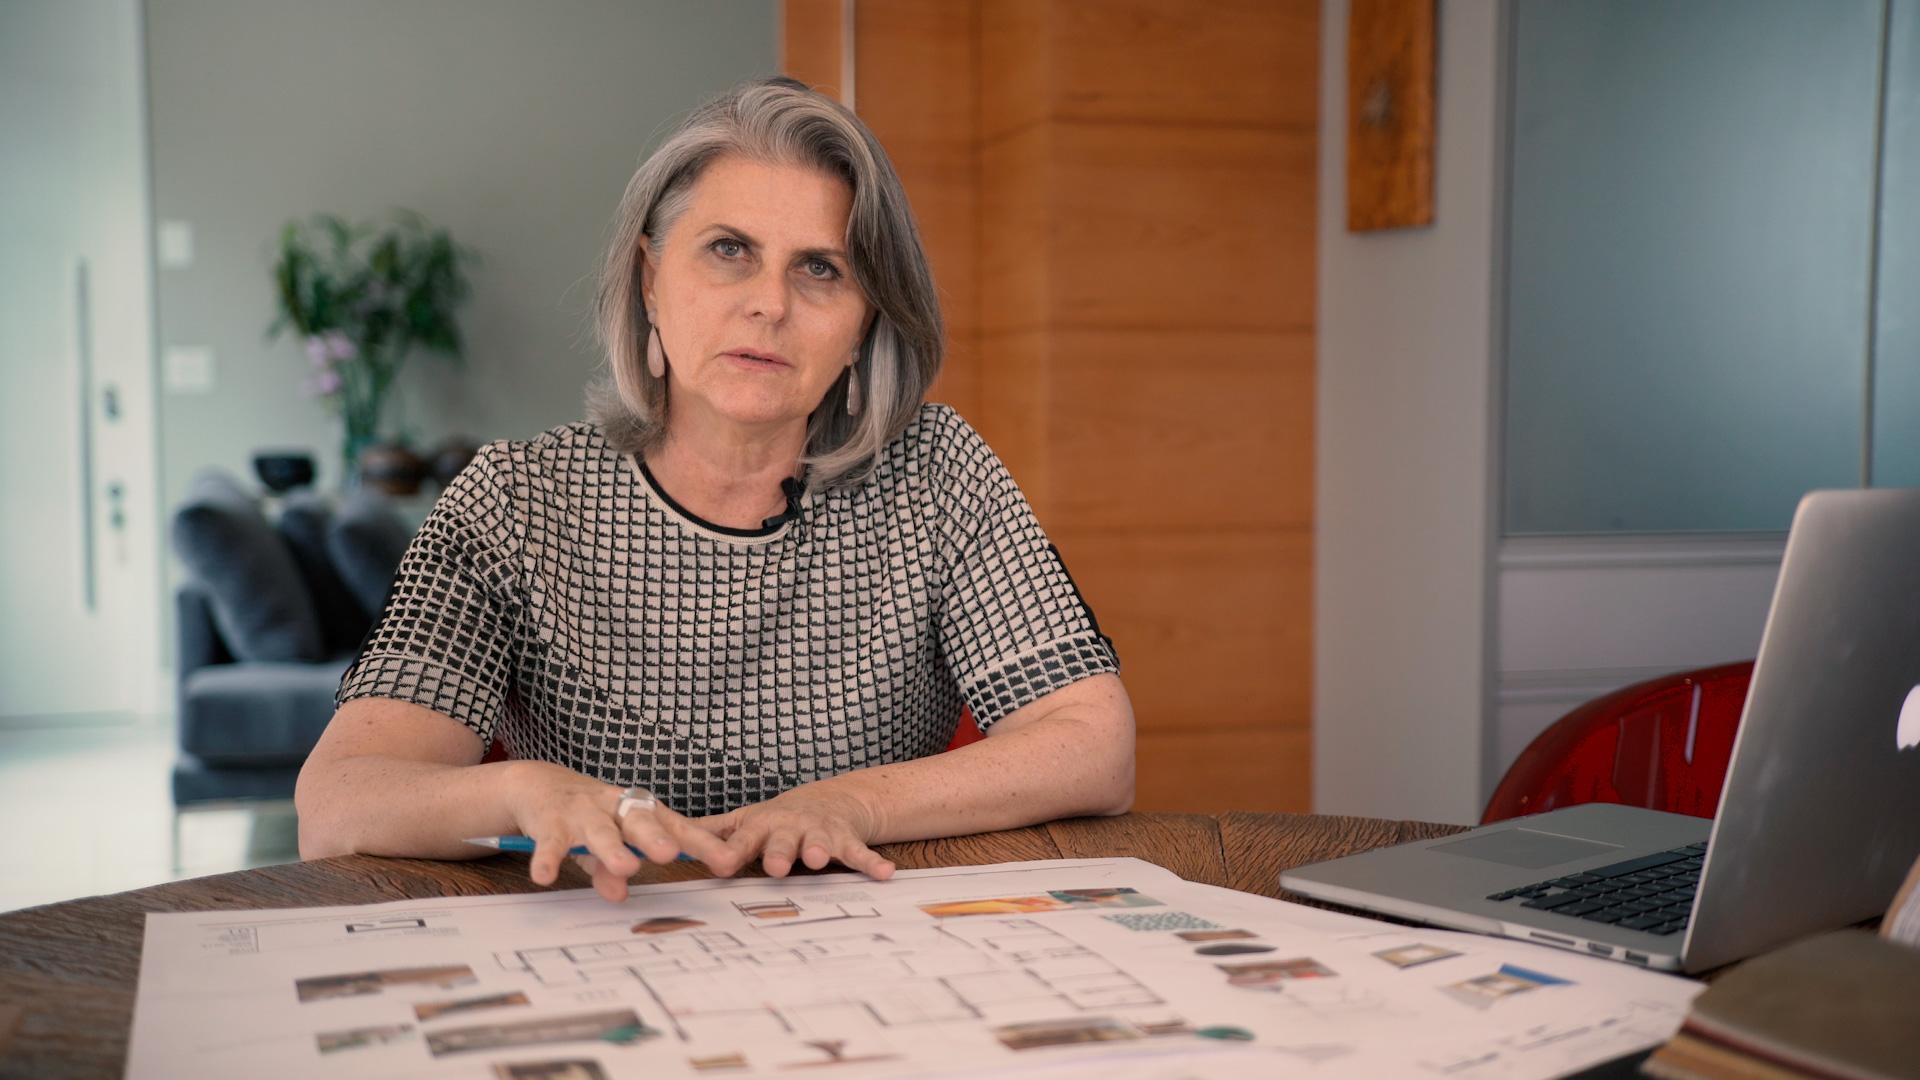 Tânia Salles, Ana Machado e Paula Sallum produzem projetos para o Green Tower